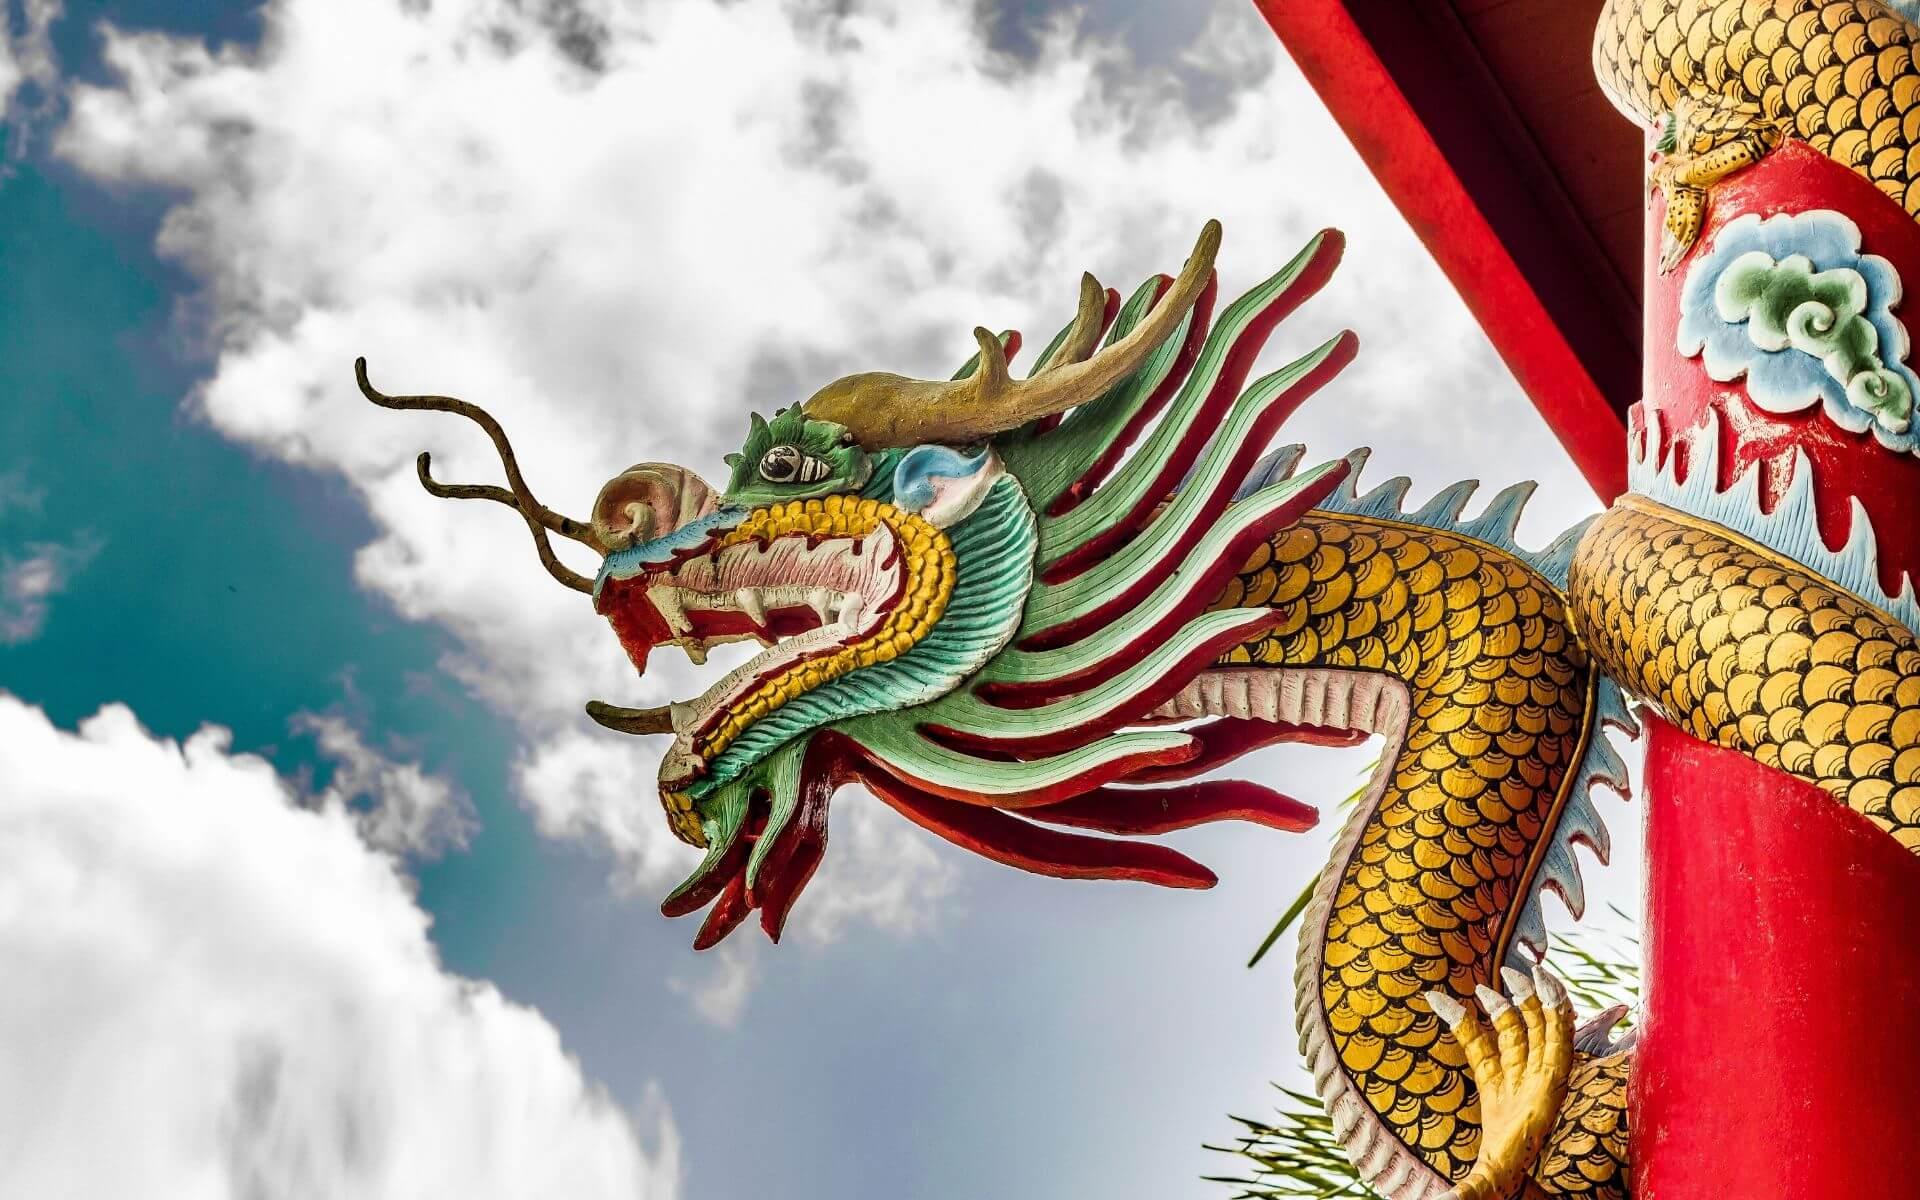 Chinesische Sternzeichen, welche gibt es und was sagen sie über deinen Charakter aus?